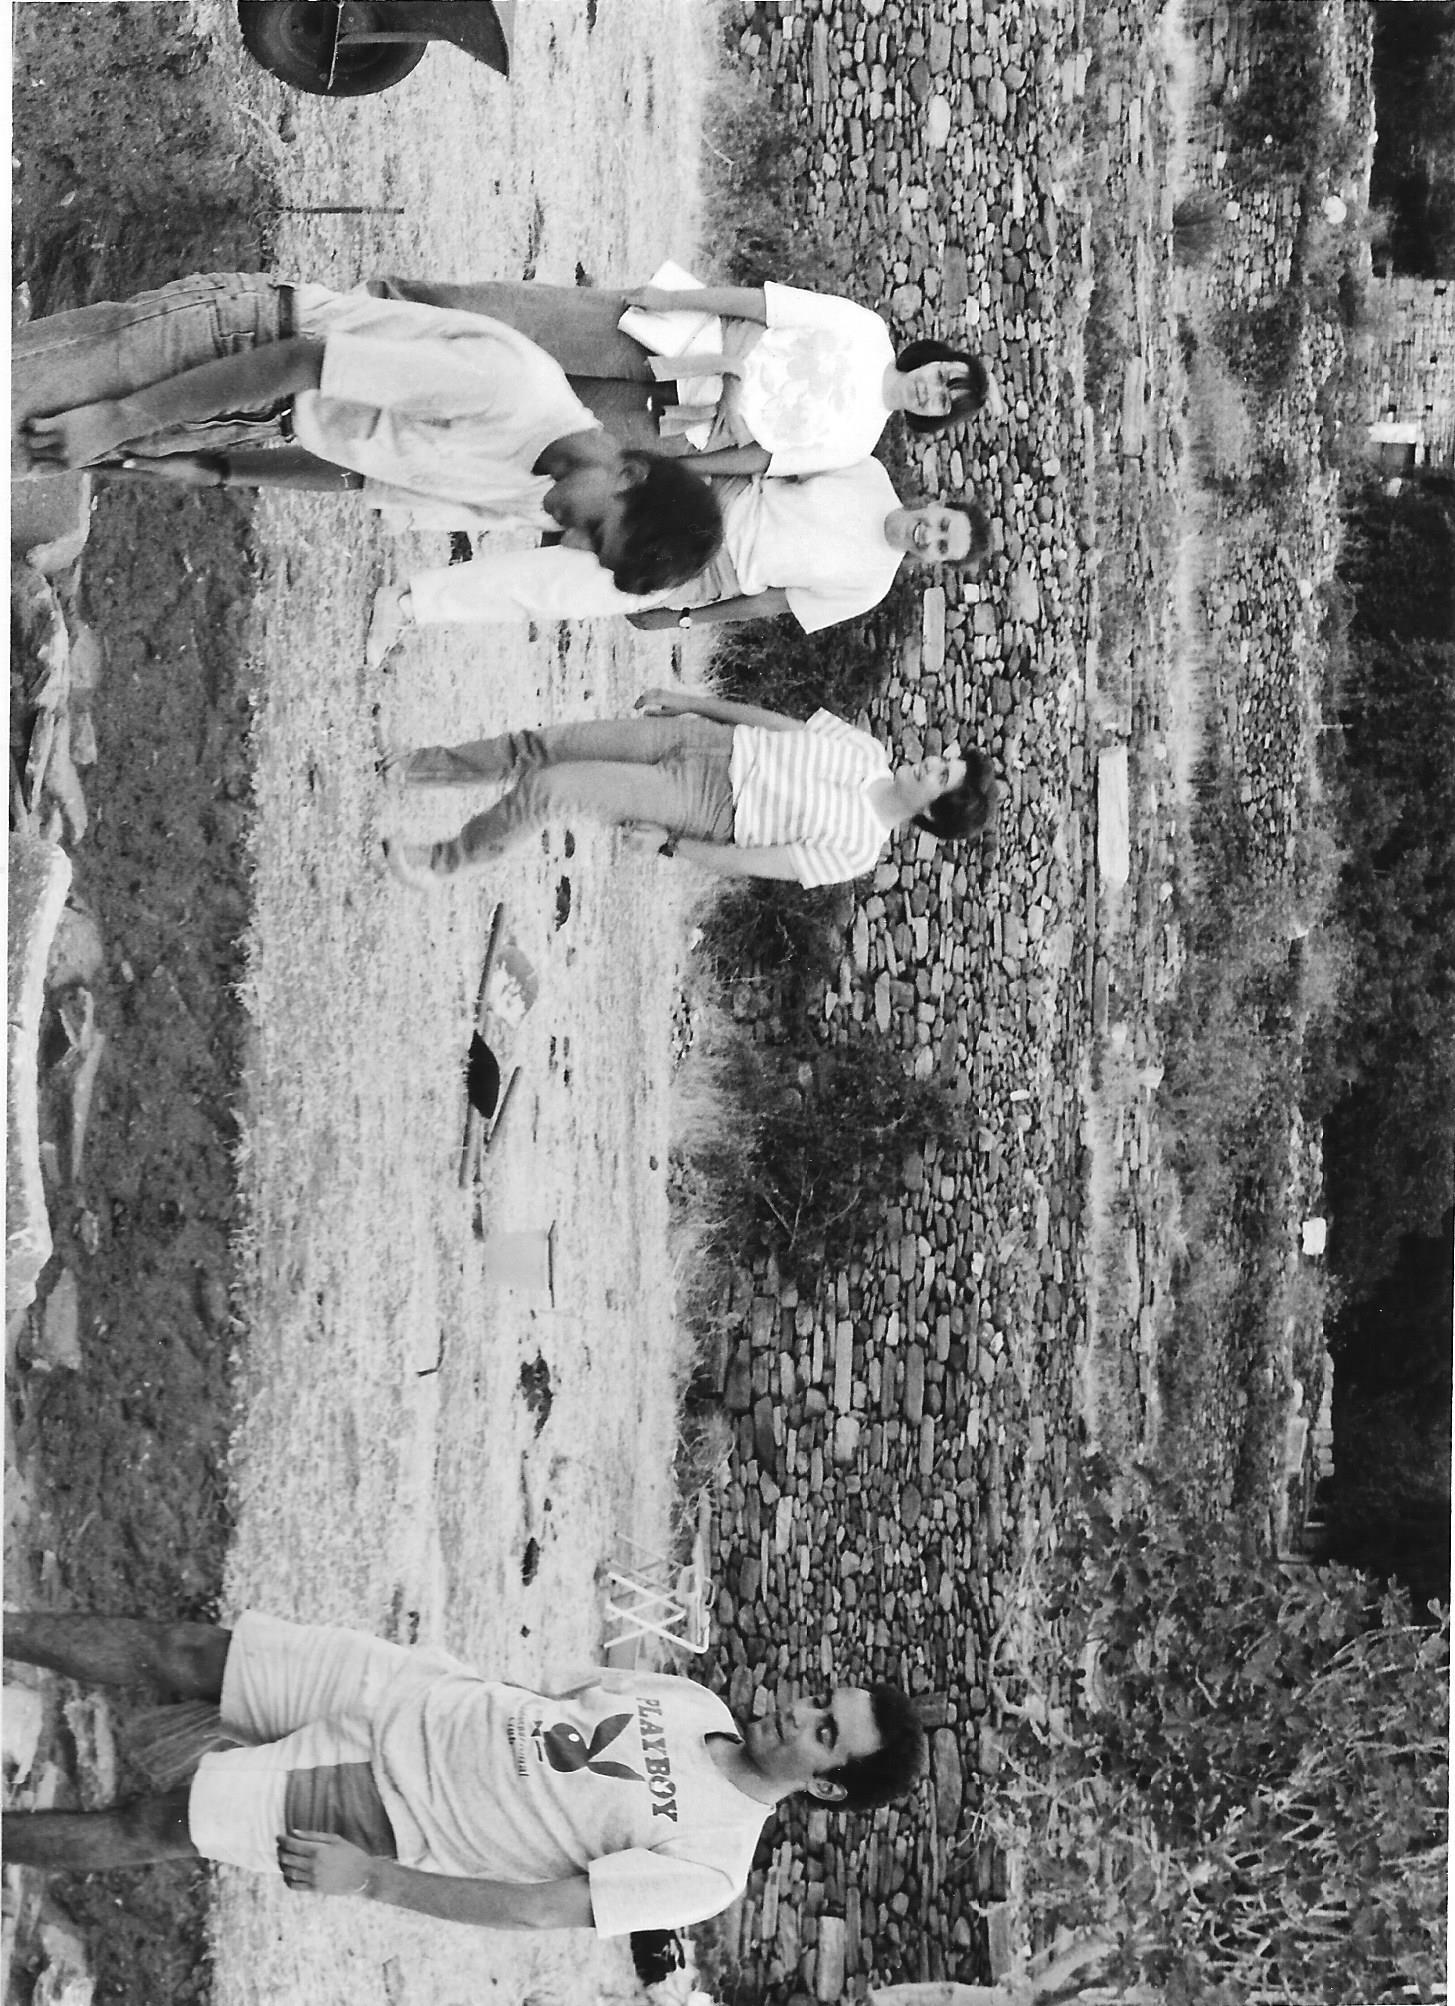 Ανασκαφή 1993